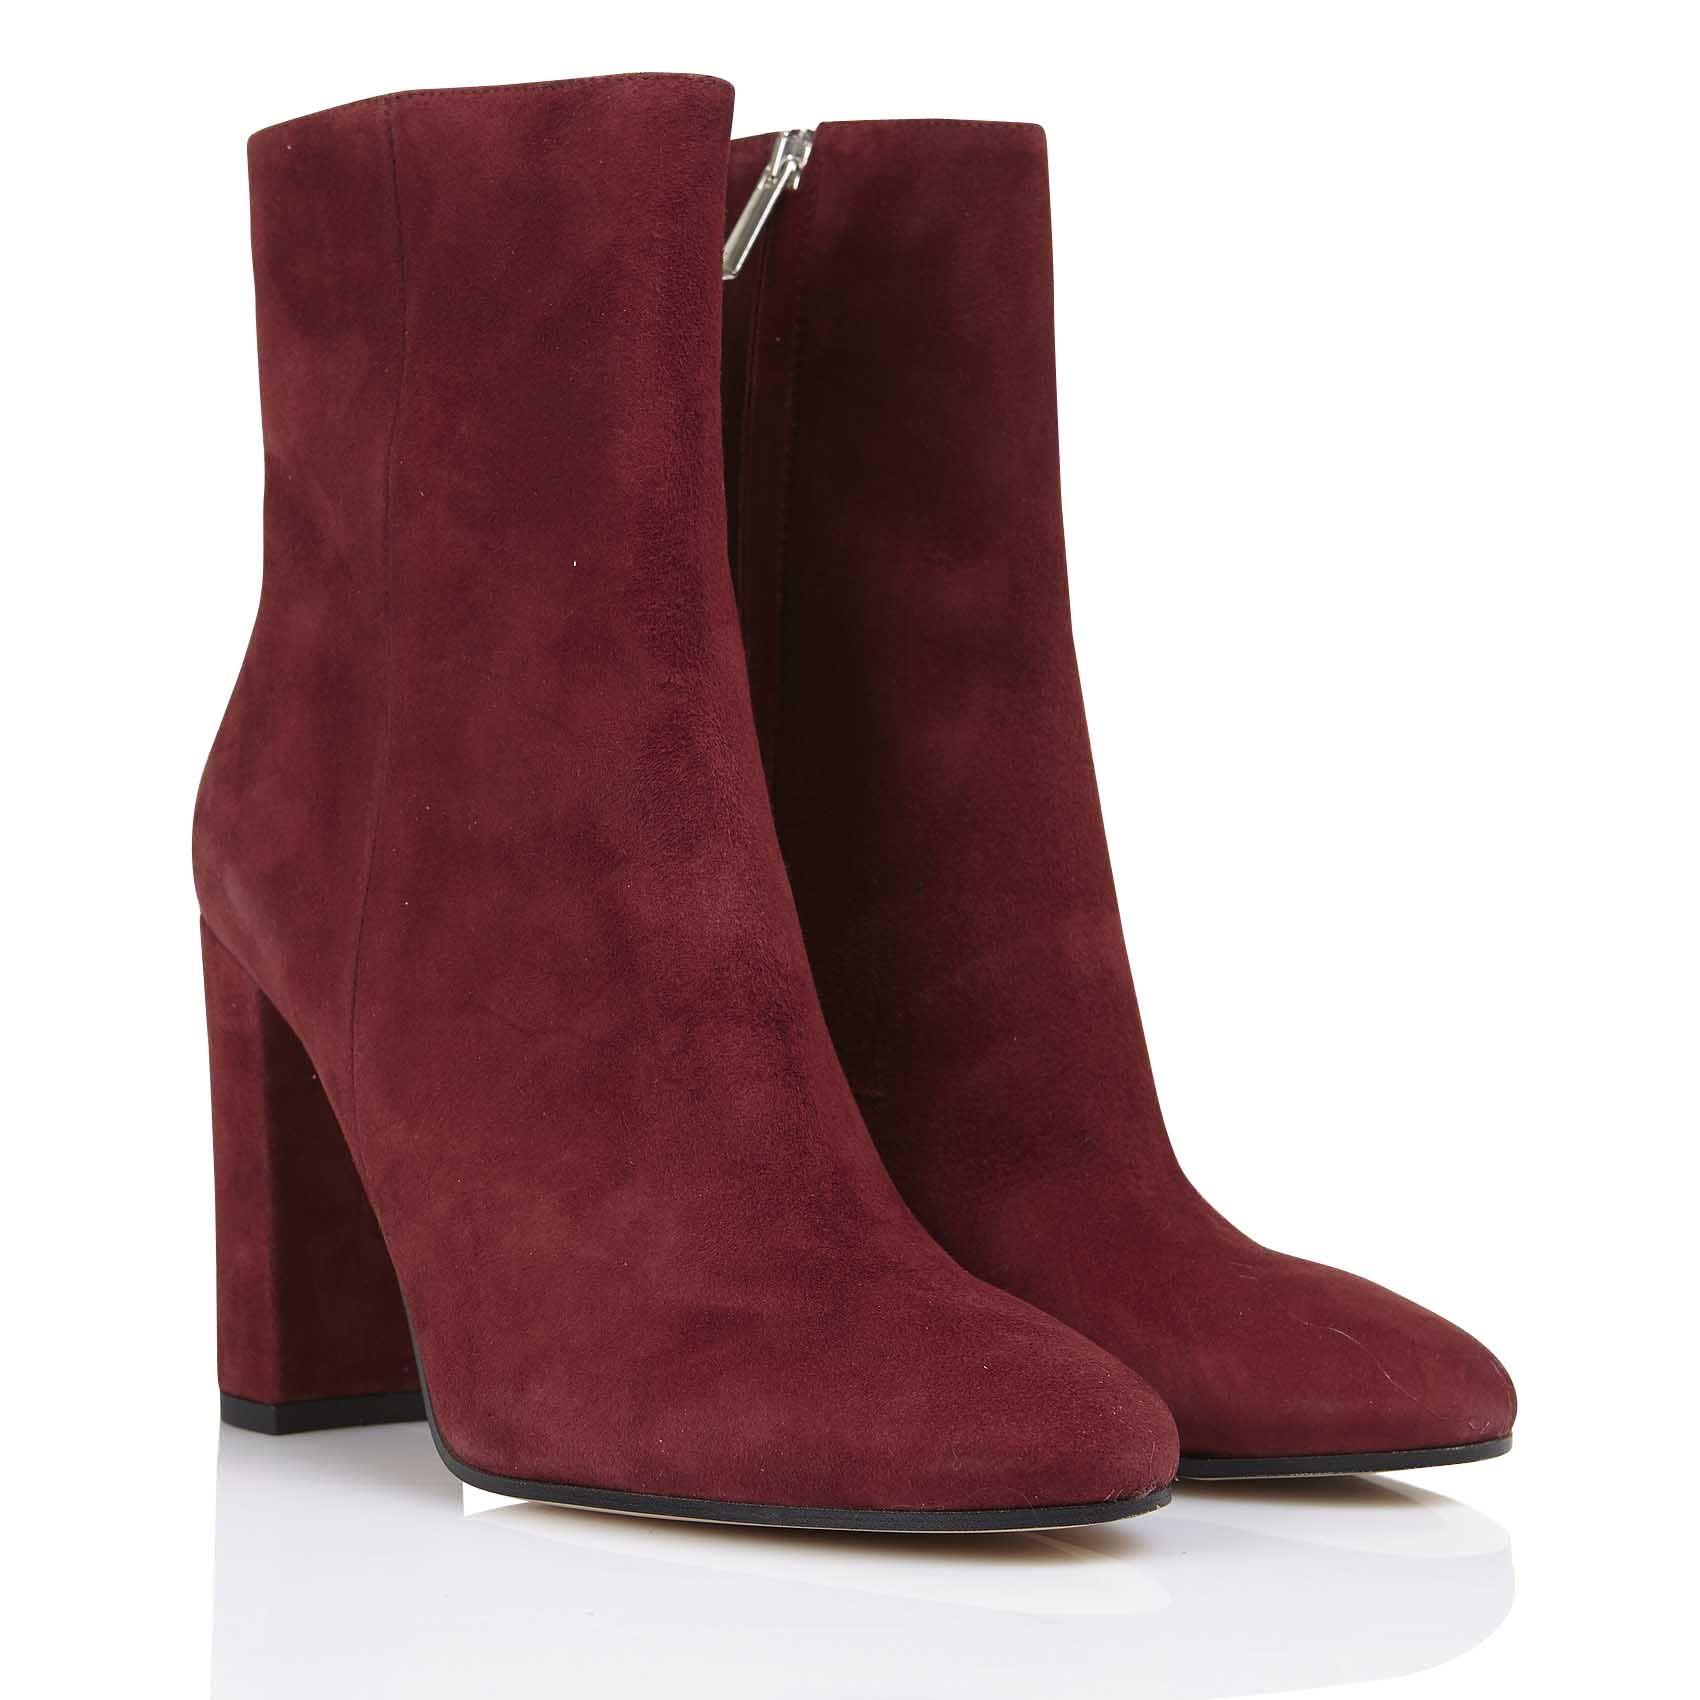 Zip, Bottines Classiques Femme, Rouge (Bordeaux), 41 EUL'autre Chose